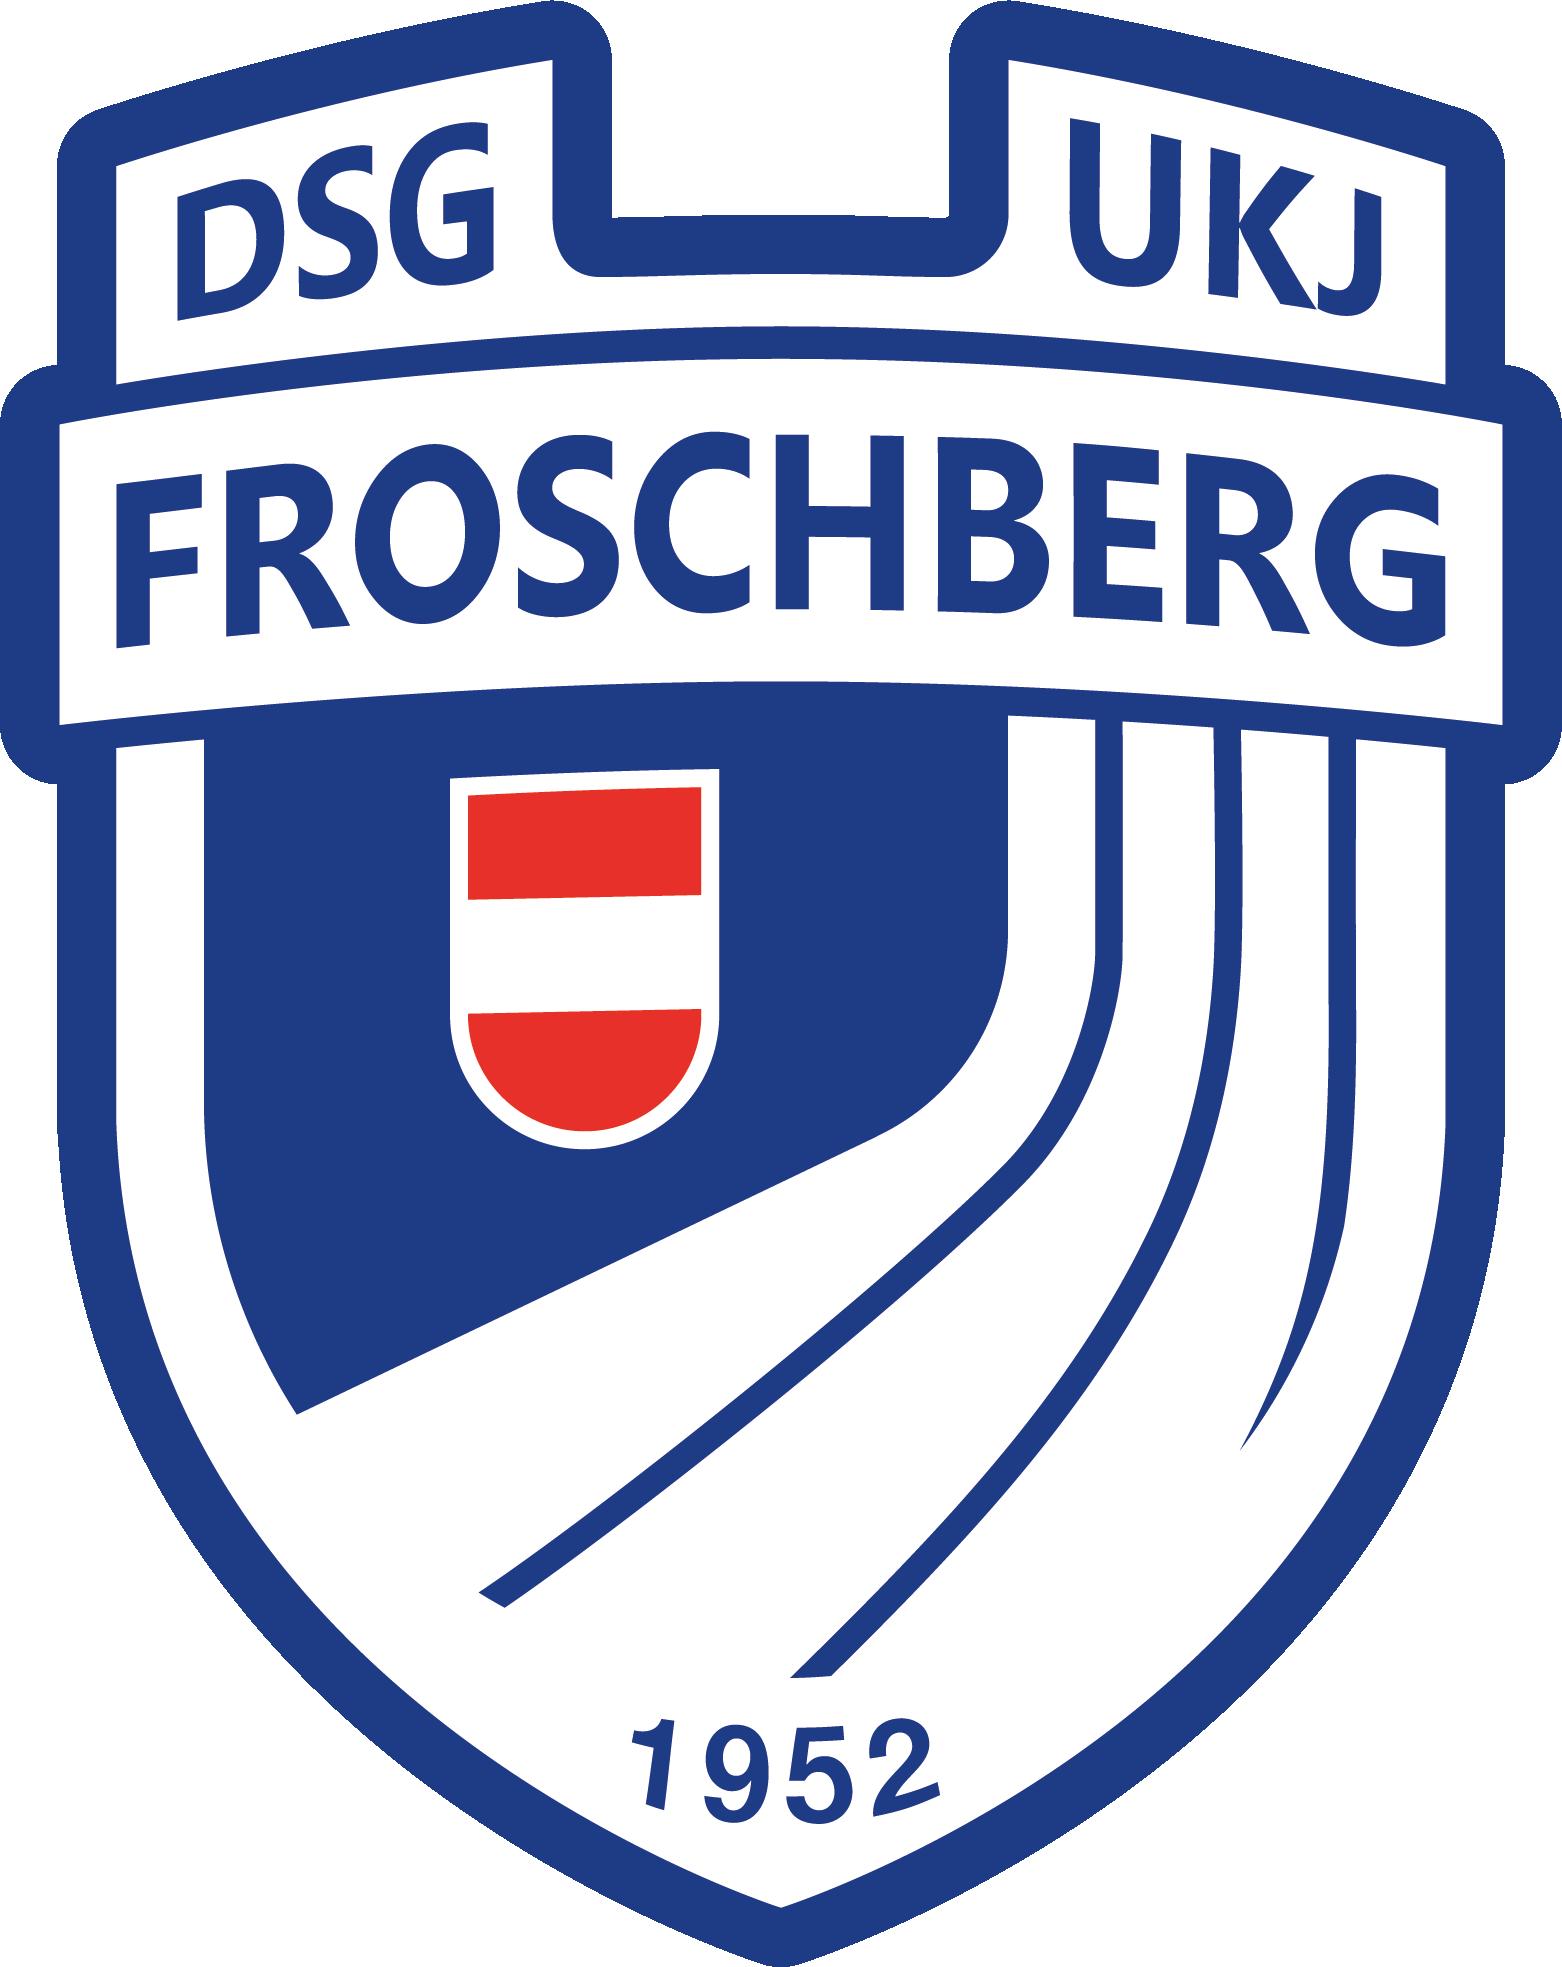 DSG UKJ Froschberg